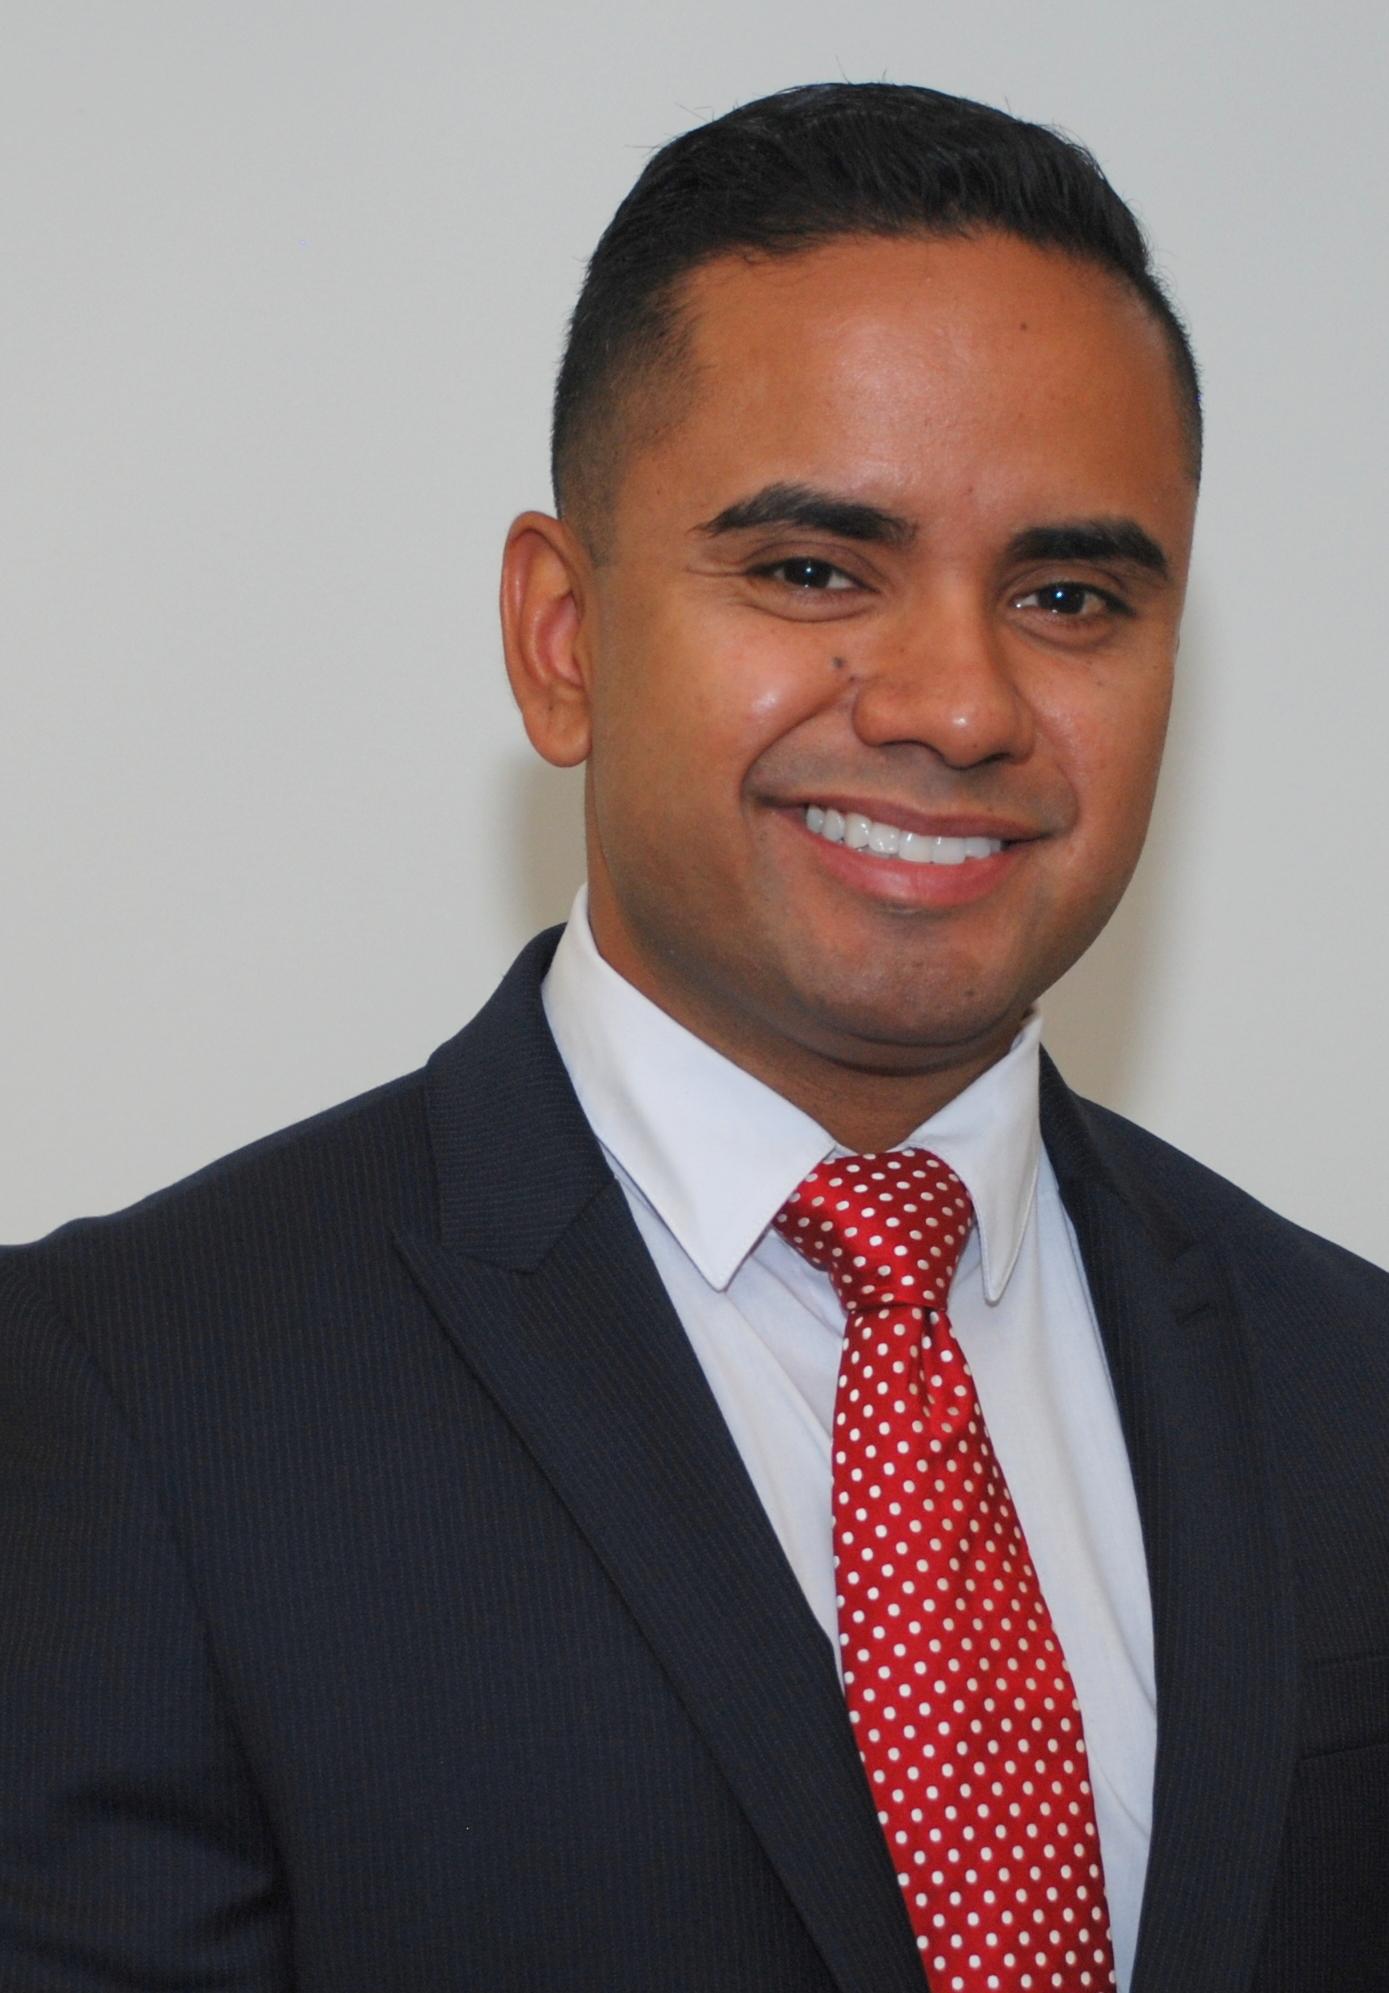 Commercial RE Broker Jose Torres